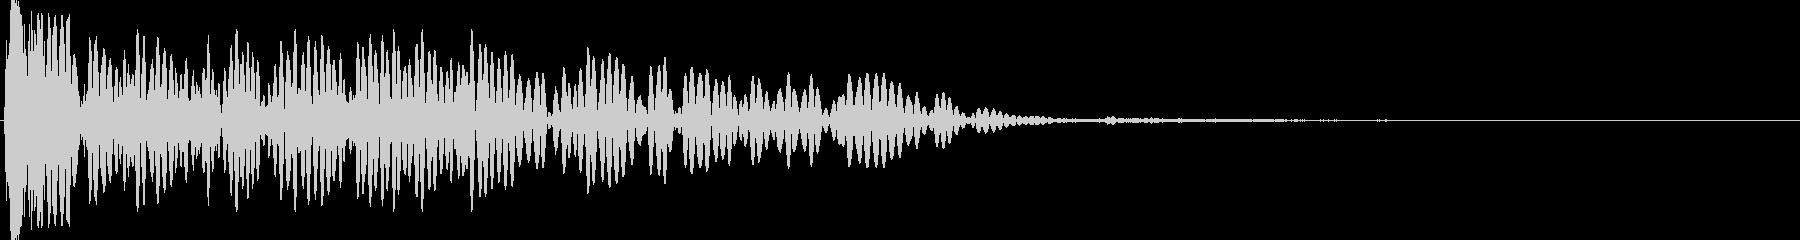 ヘビーブーミンググラウンドインパクトの未再生の波形